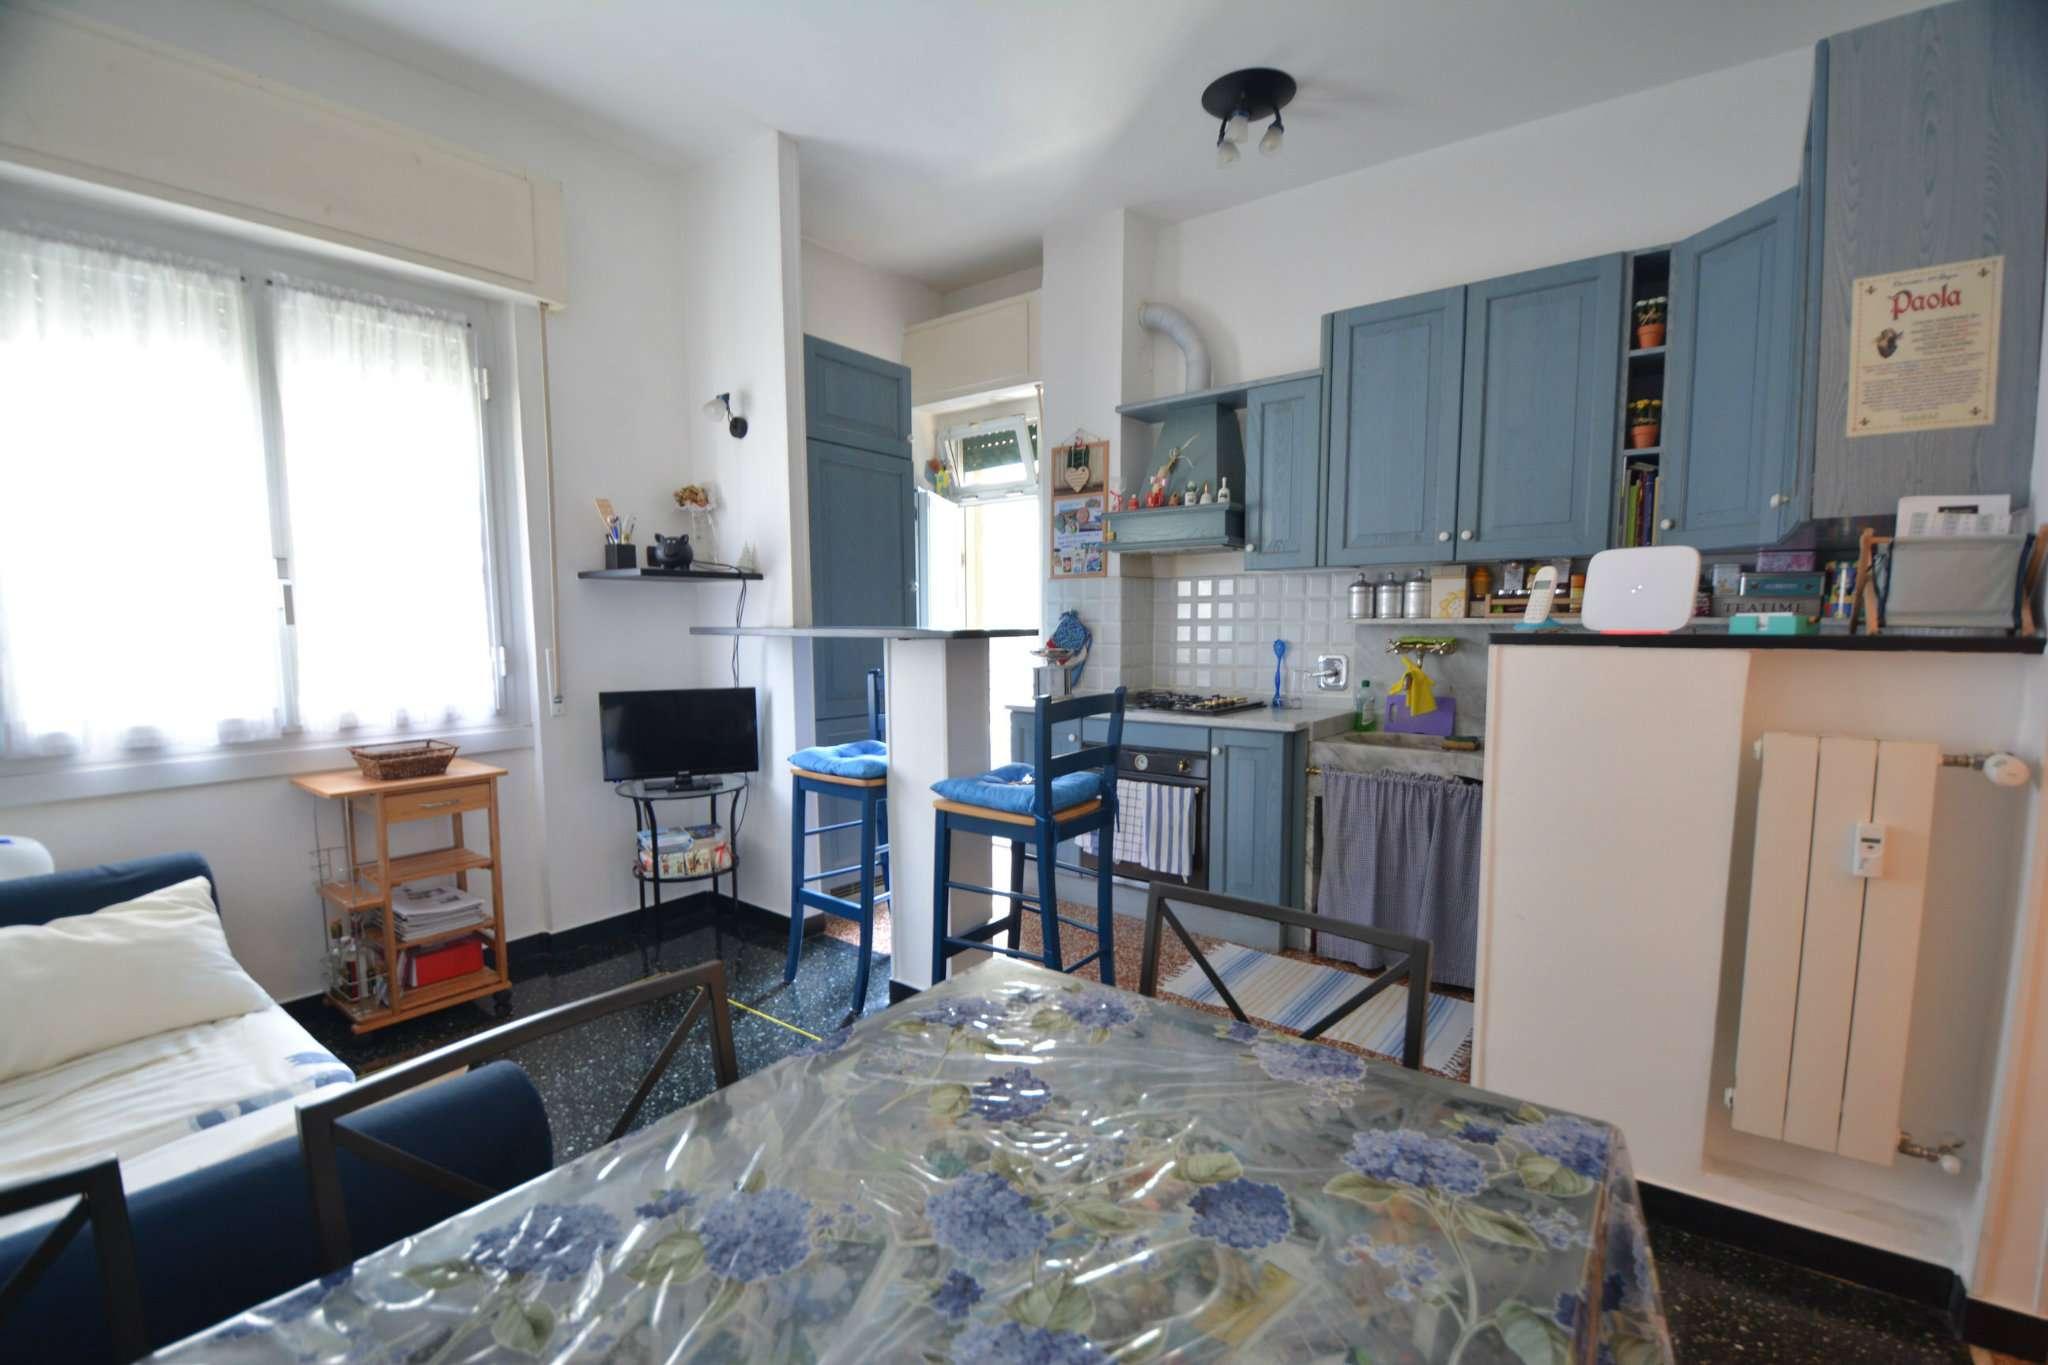 Foto 1 di Appartamento via donaver, Genova (zona San Fruttuoso)